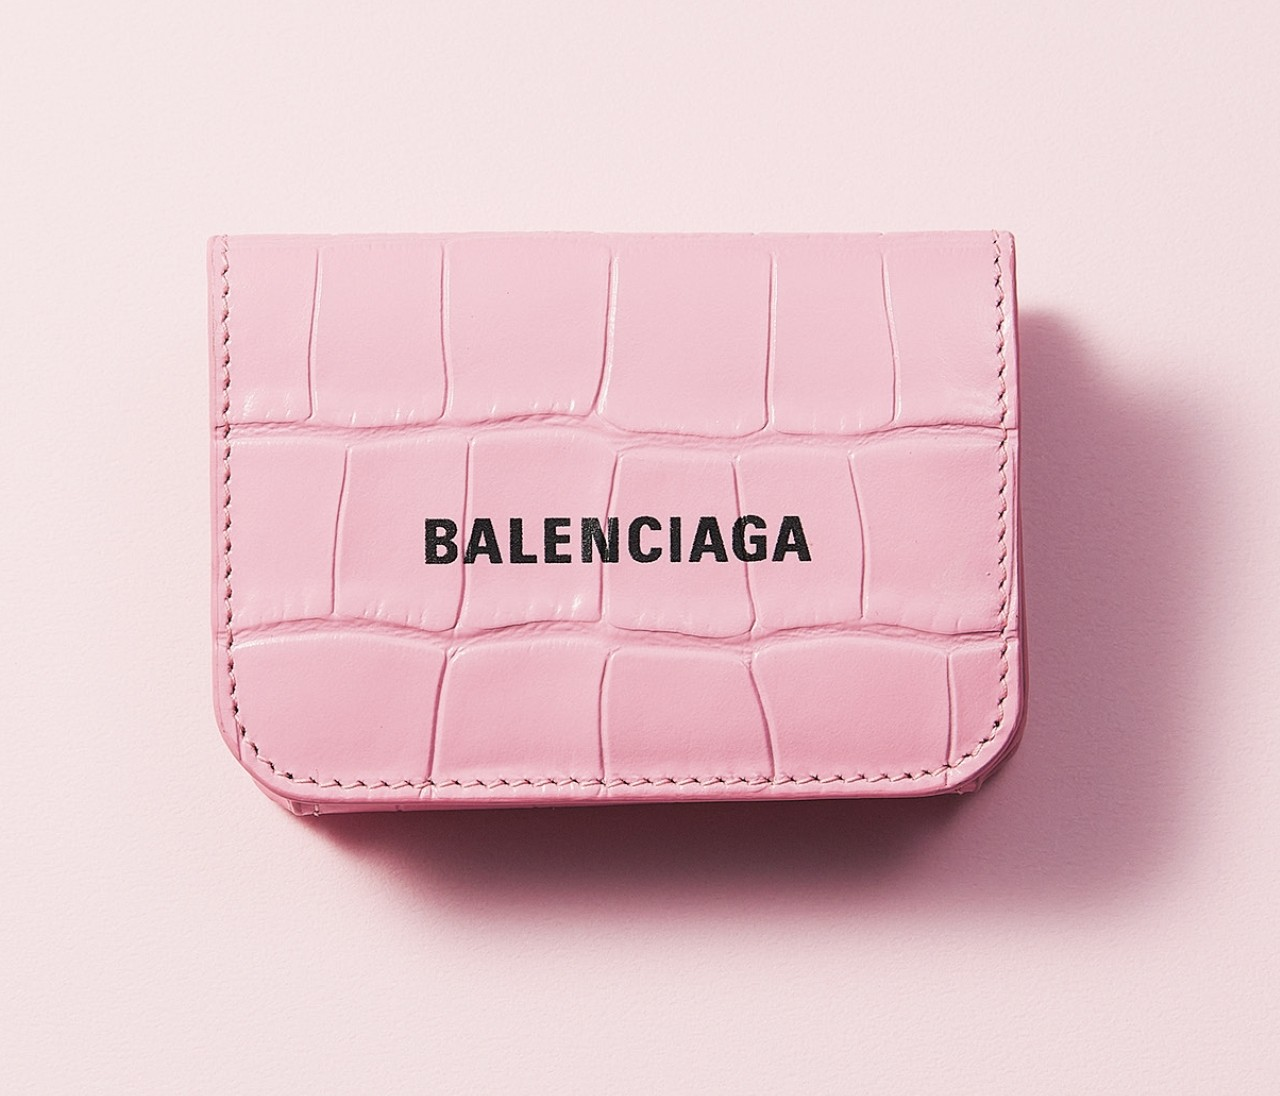 ロエベ、ディオール、バレンシアガ…ハイブランドのミニ財布、きれい色系4選【30代の新名品】